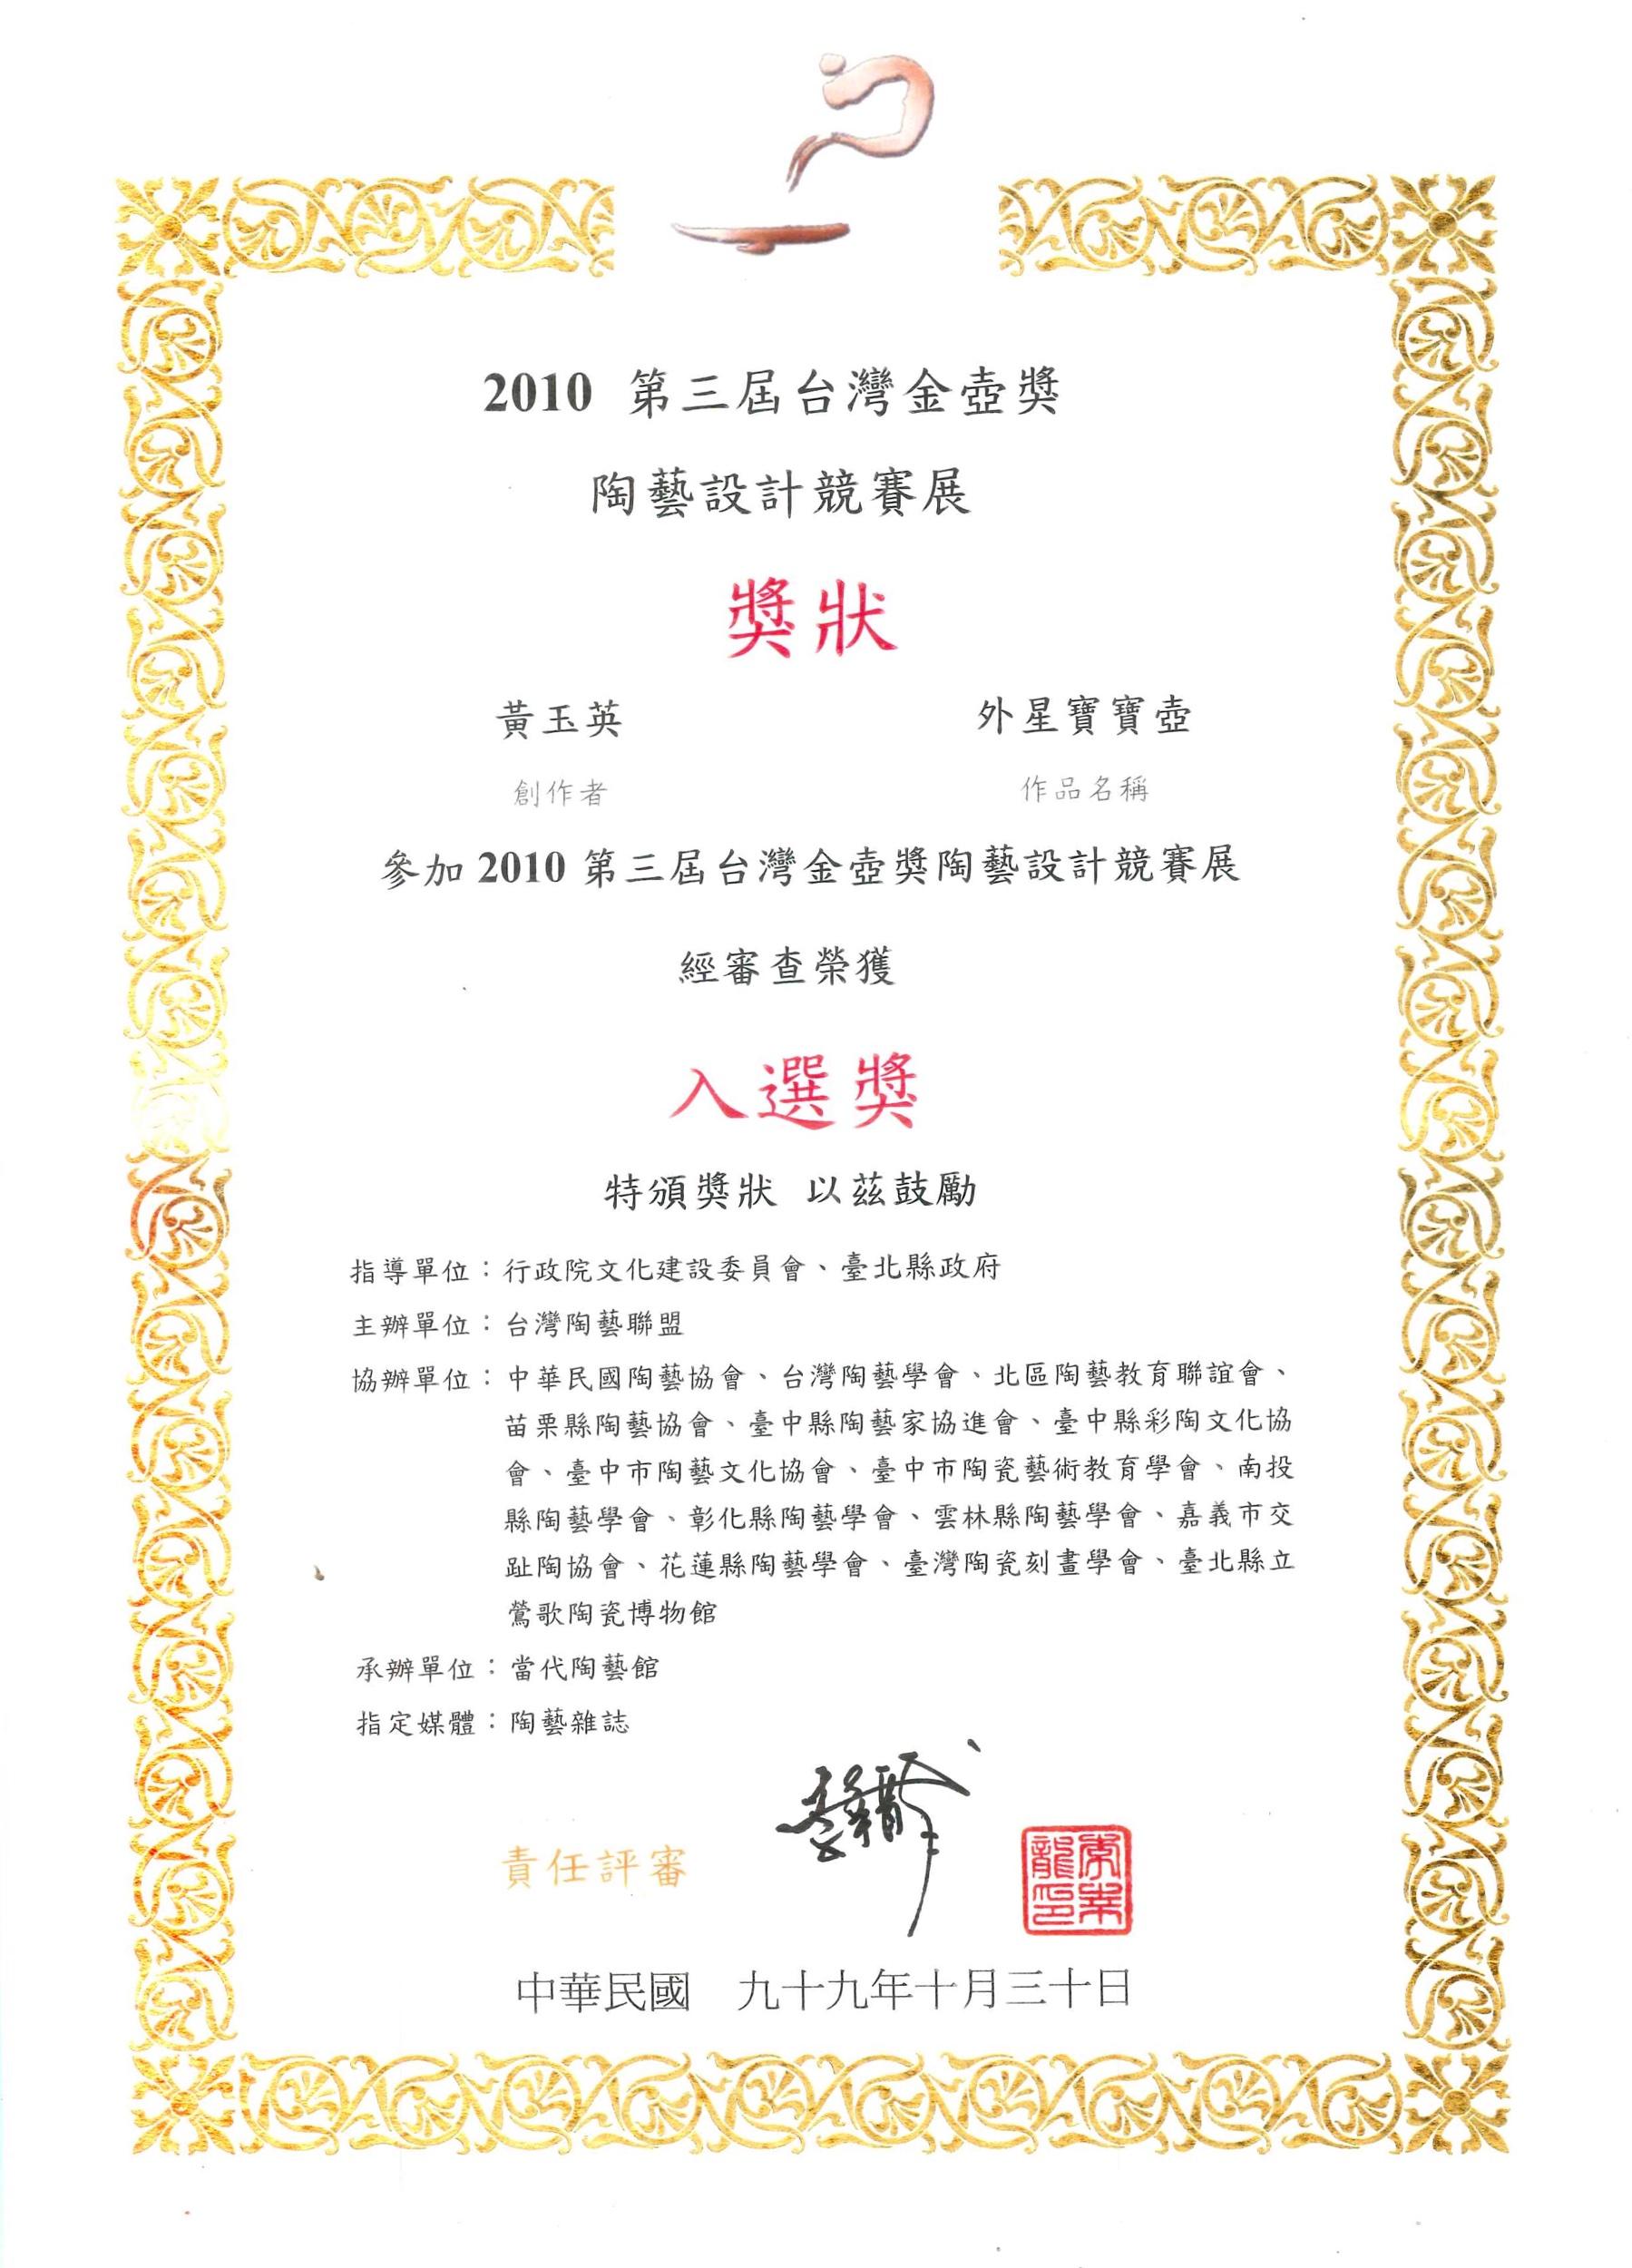 2010金壺獎入選.jpeg